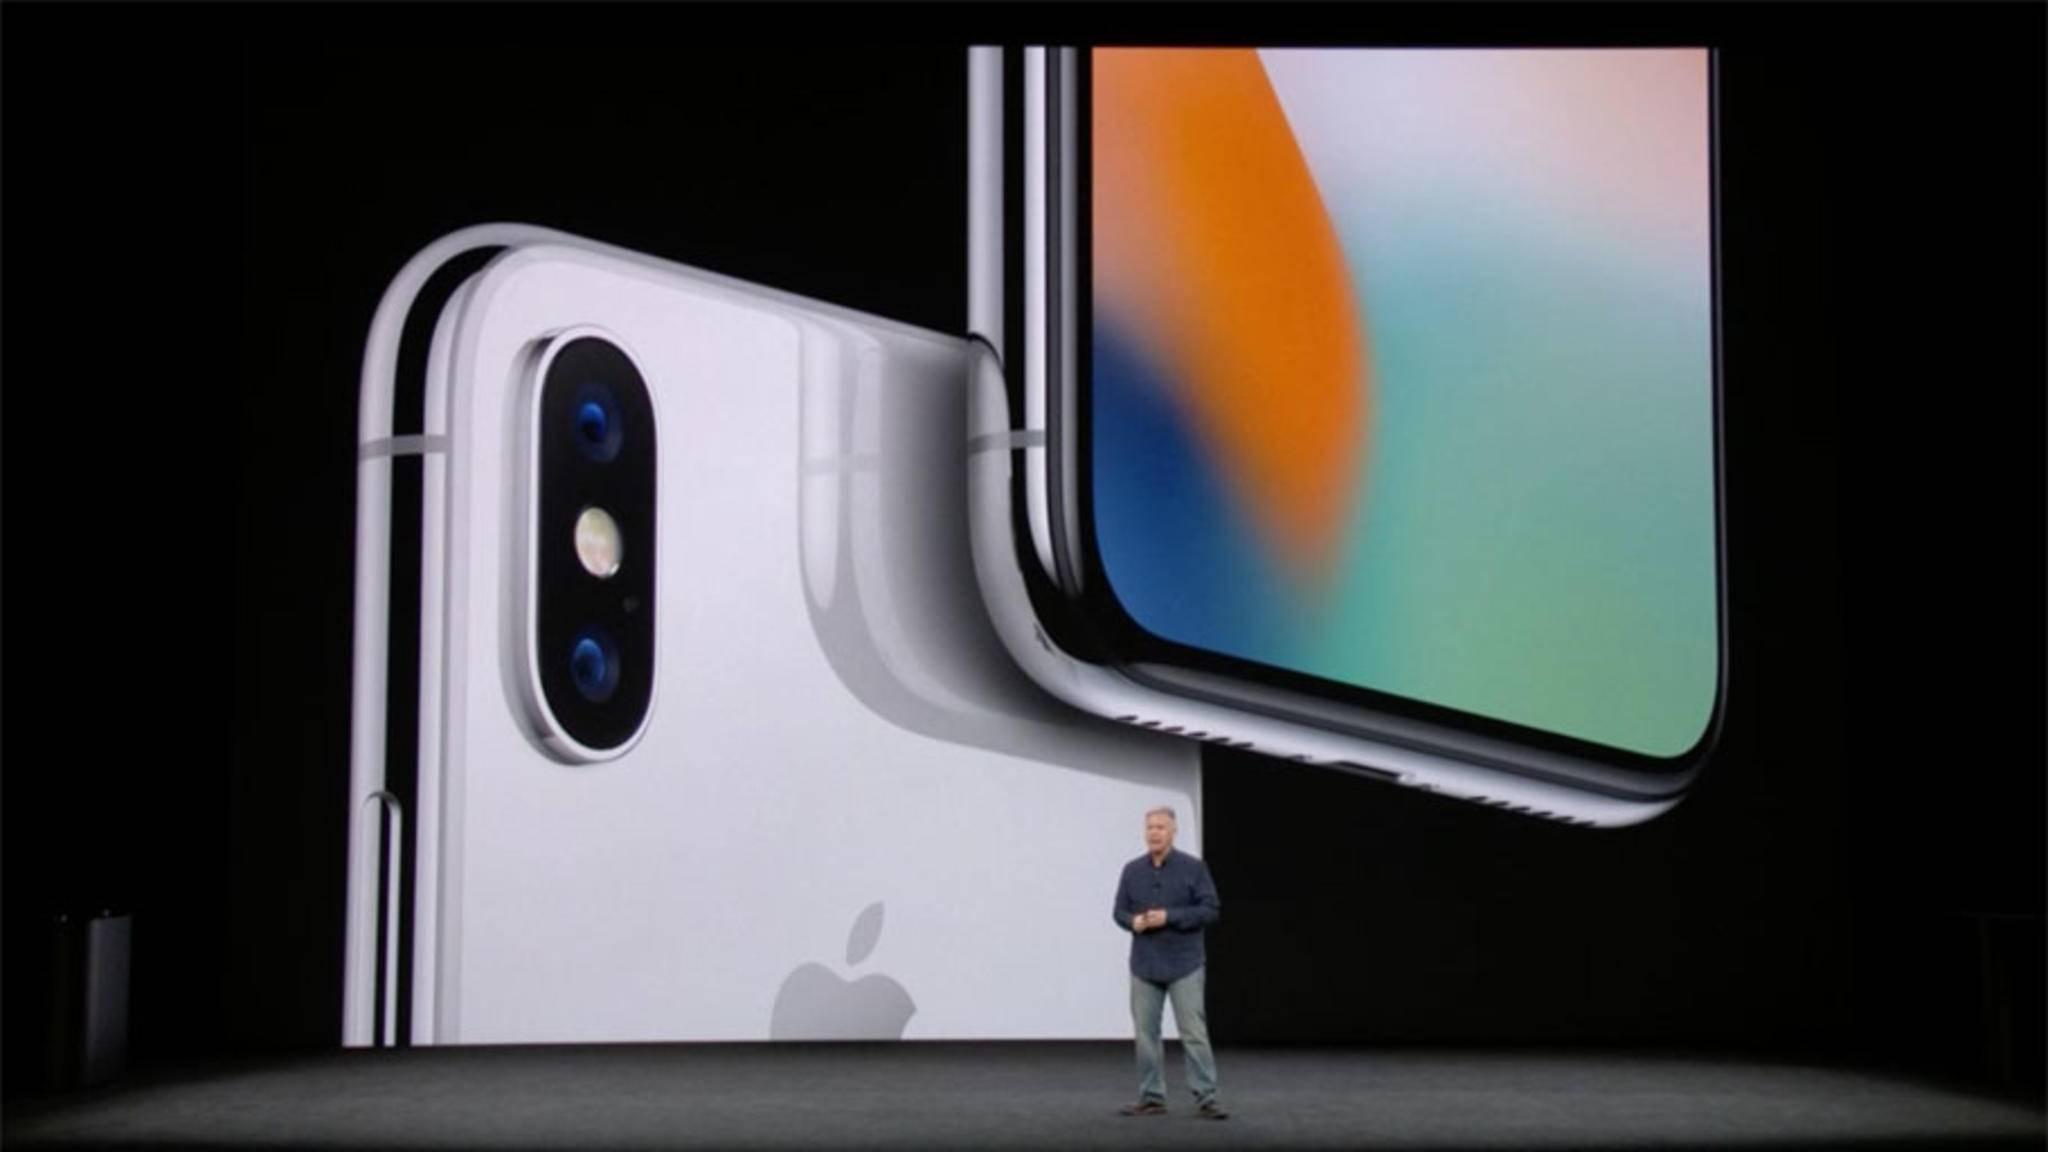 Nicht nur im iPhone X steckt der neue A11-Bionic-Prozessor.